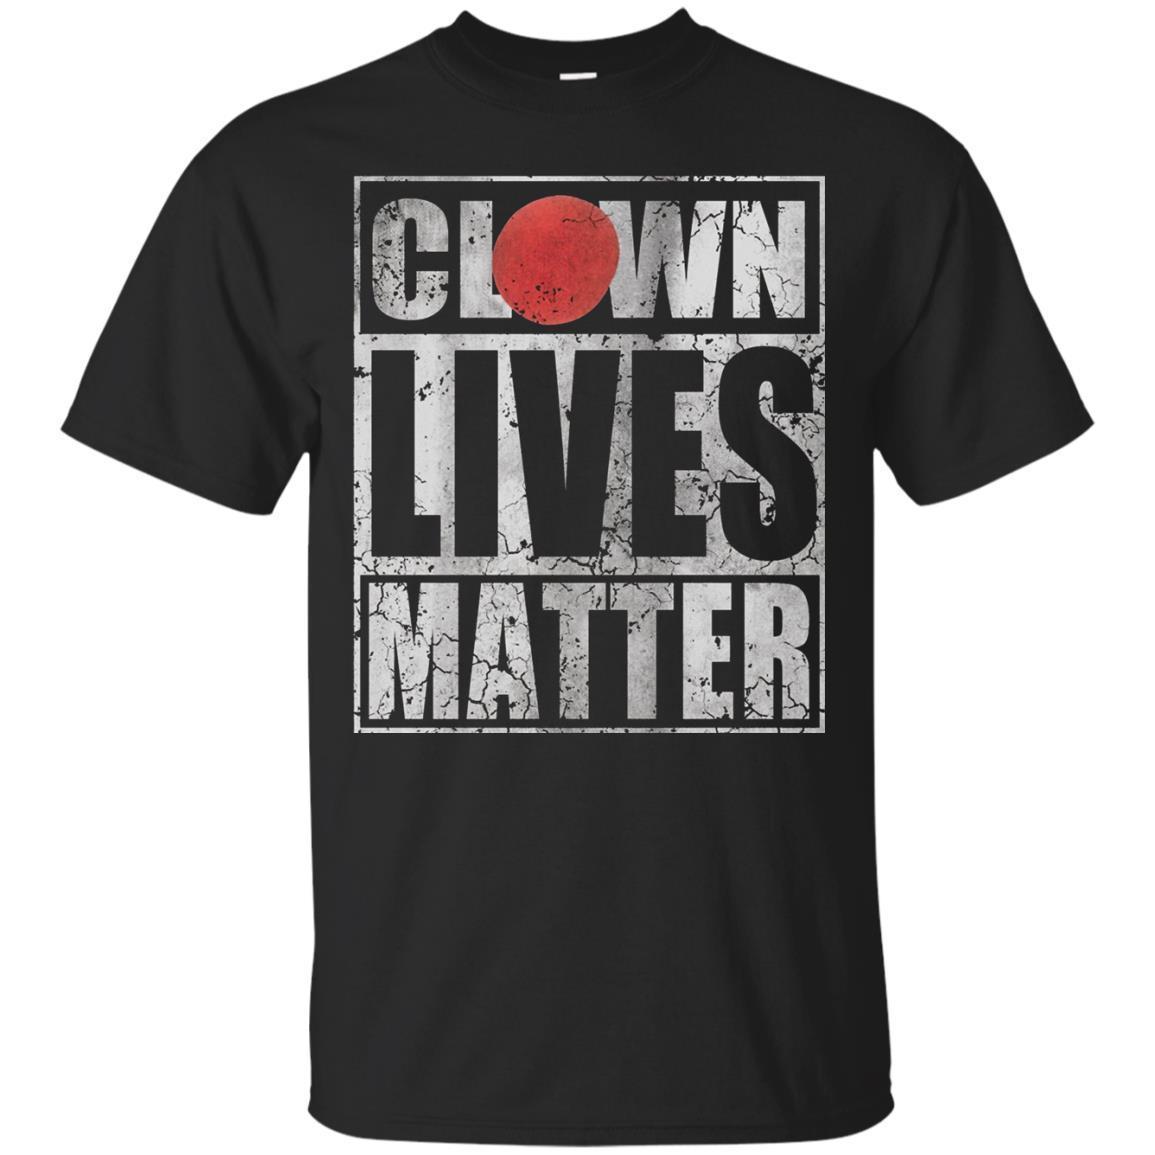 Clown lives Matter t shirt